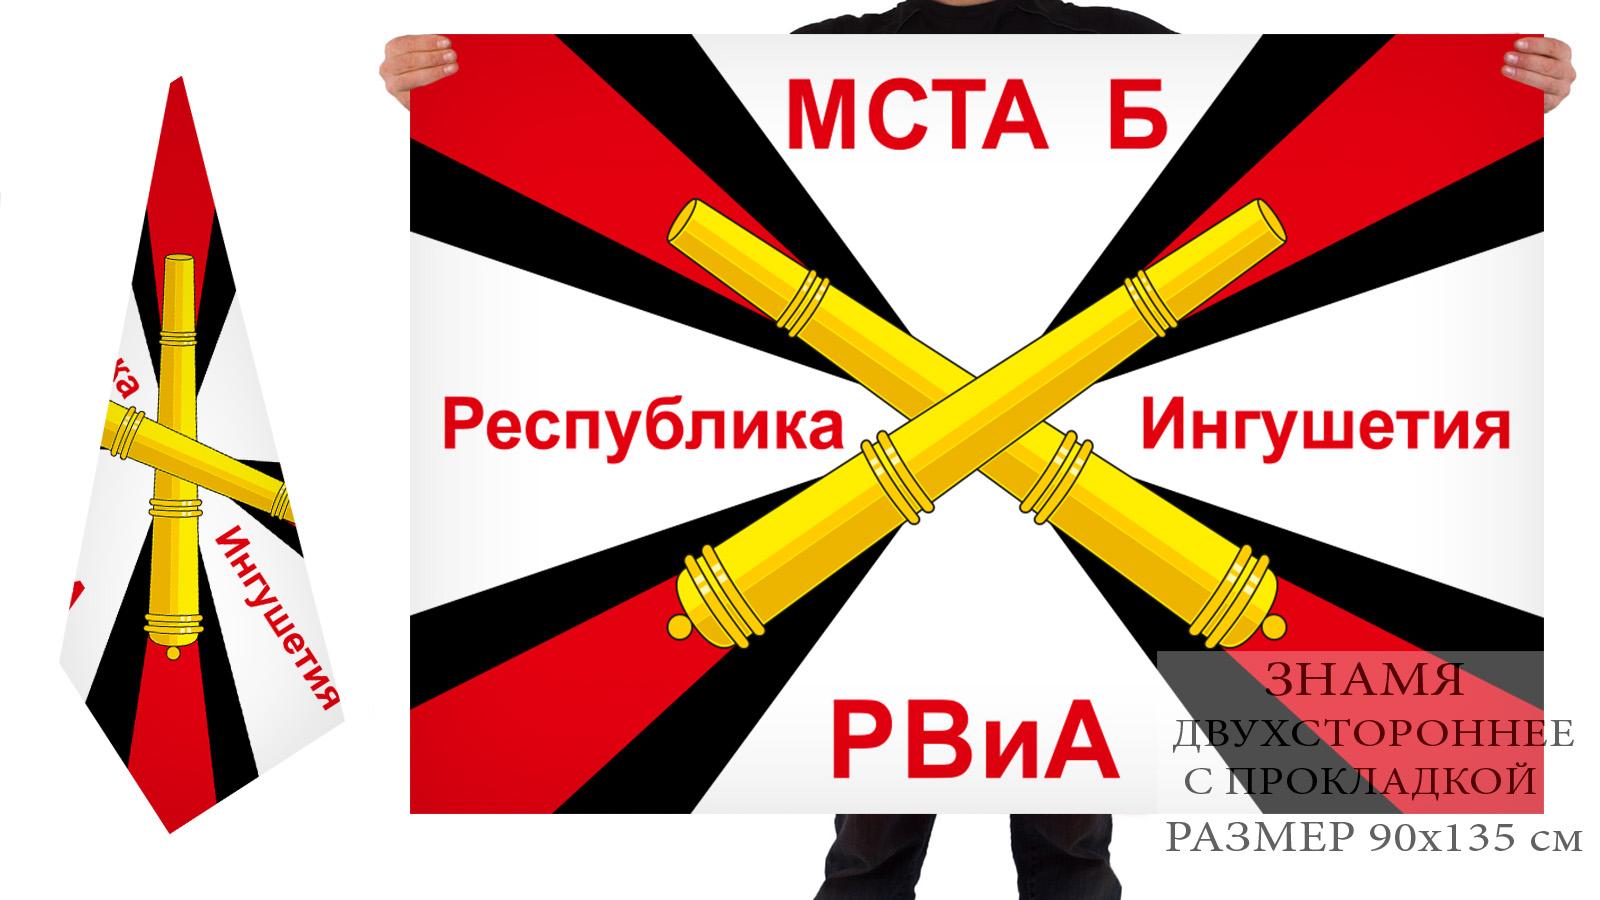 Заказать флаг РВиА Мста-Б республика Ингушетия